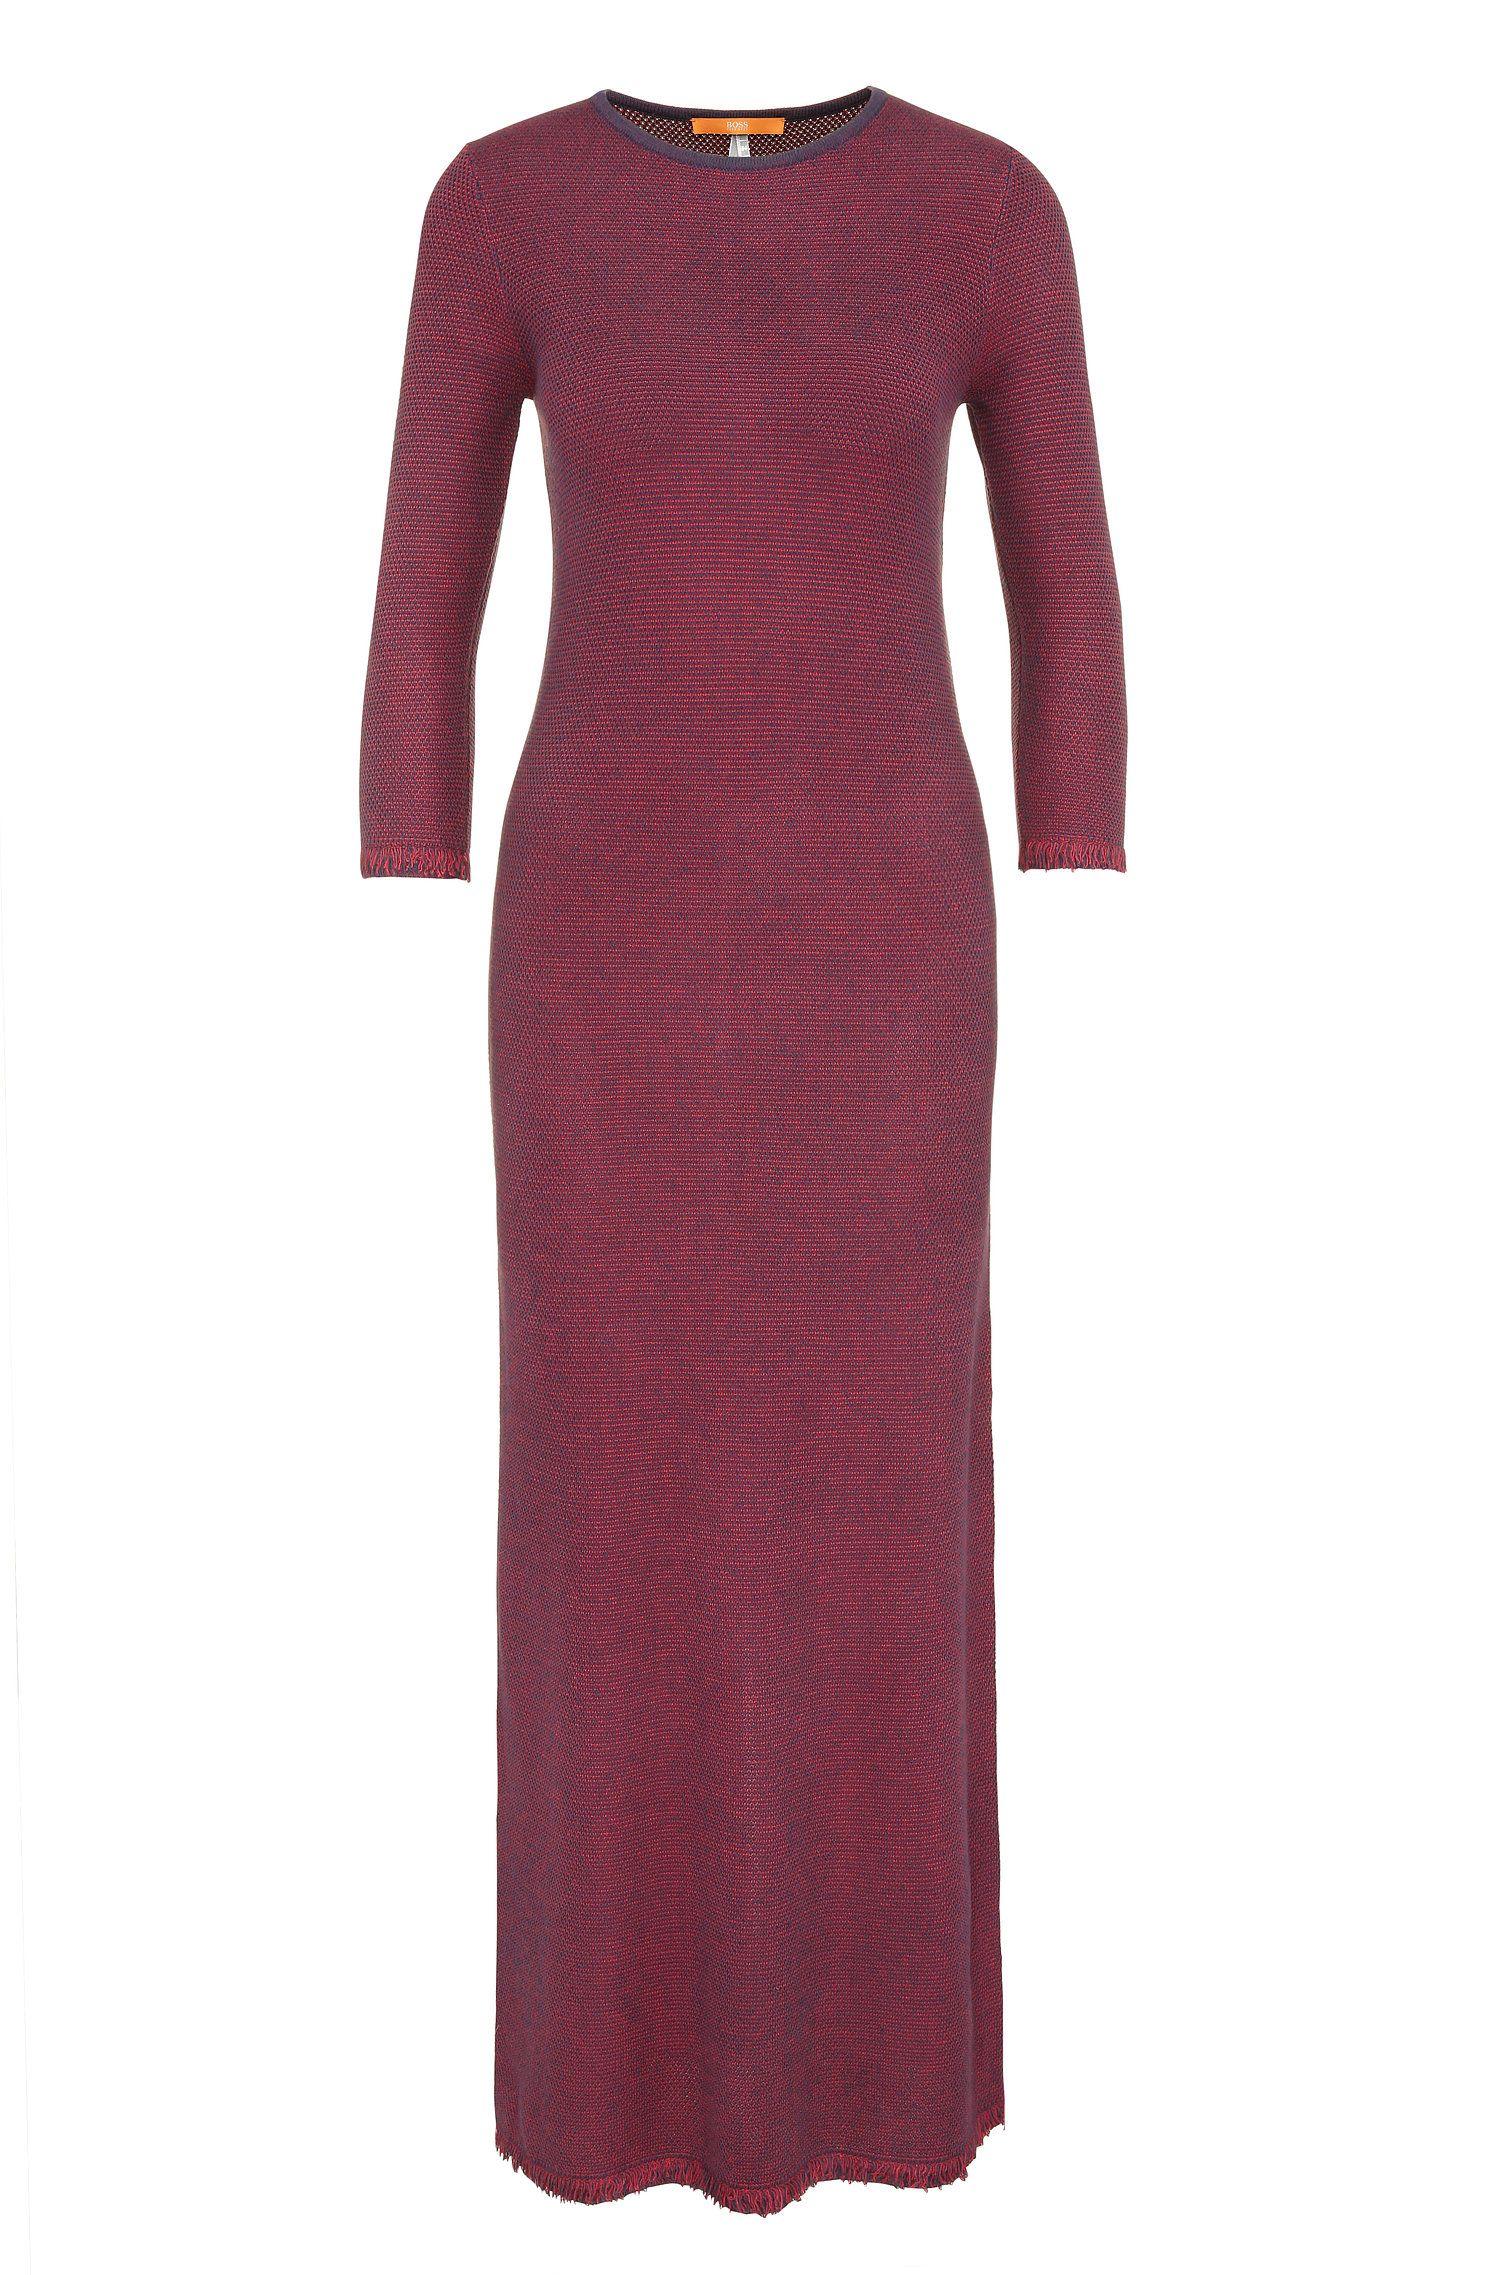 Purl-knit maxi dress in viscose blend: 'Iolana'